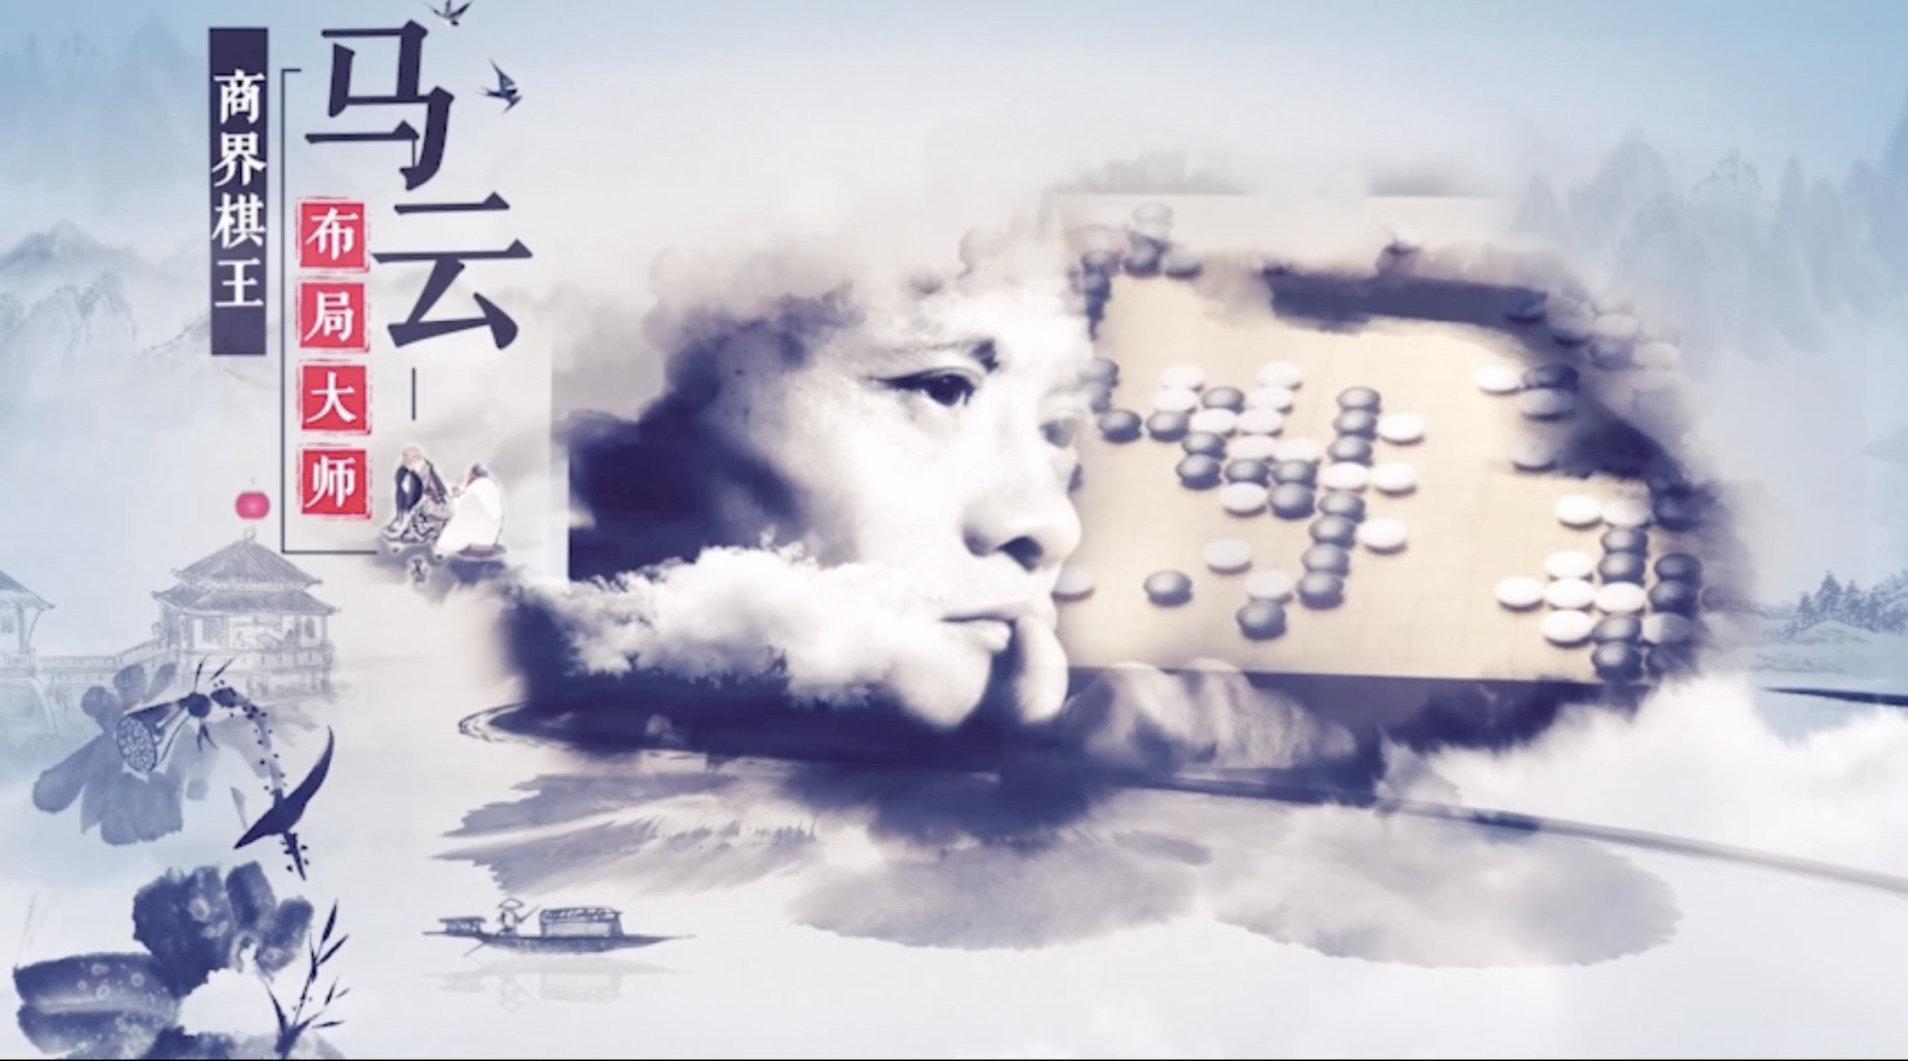 视频-商界棋王布局大师马云 将围棋思维融入事业中